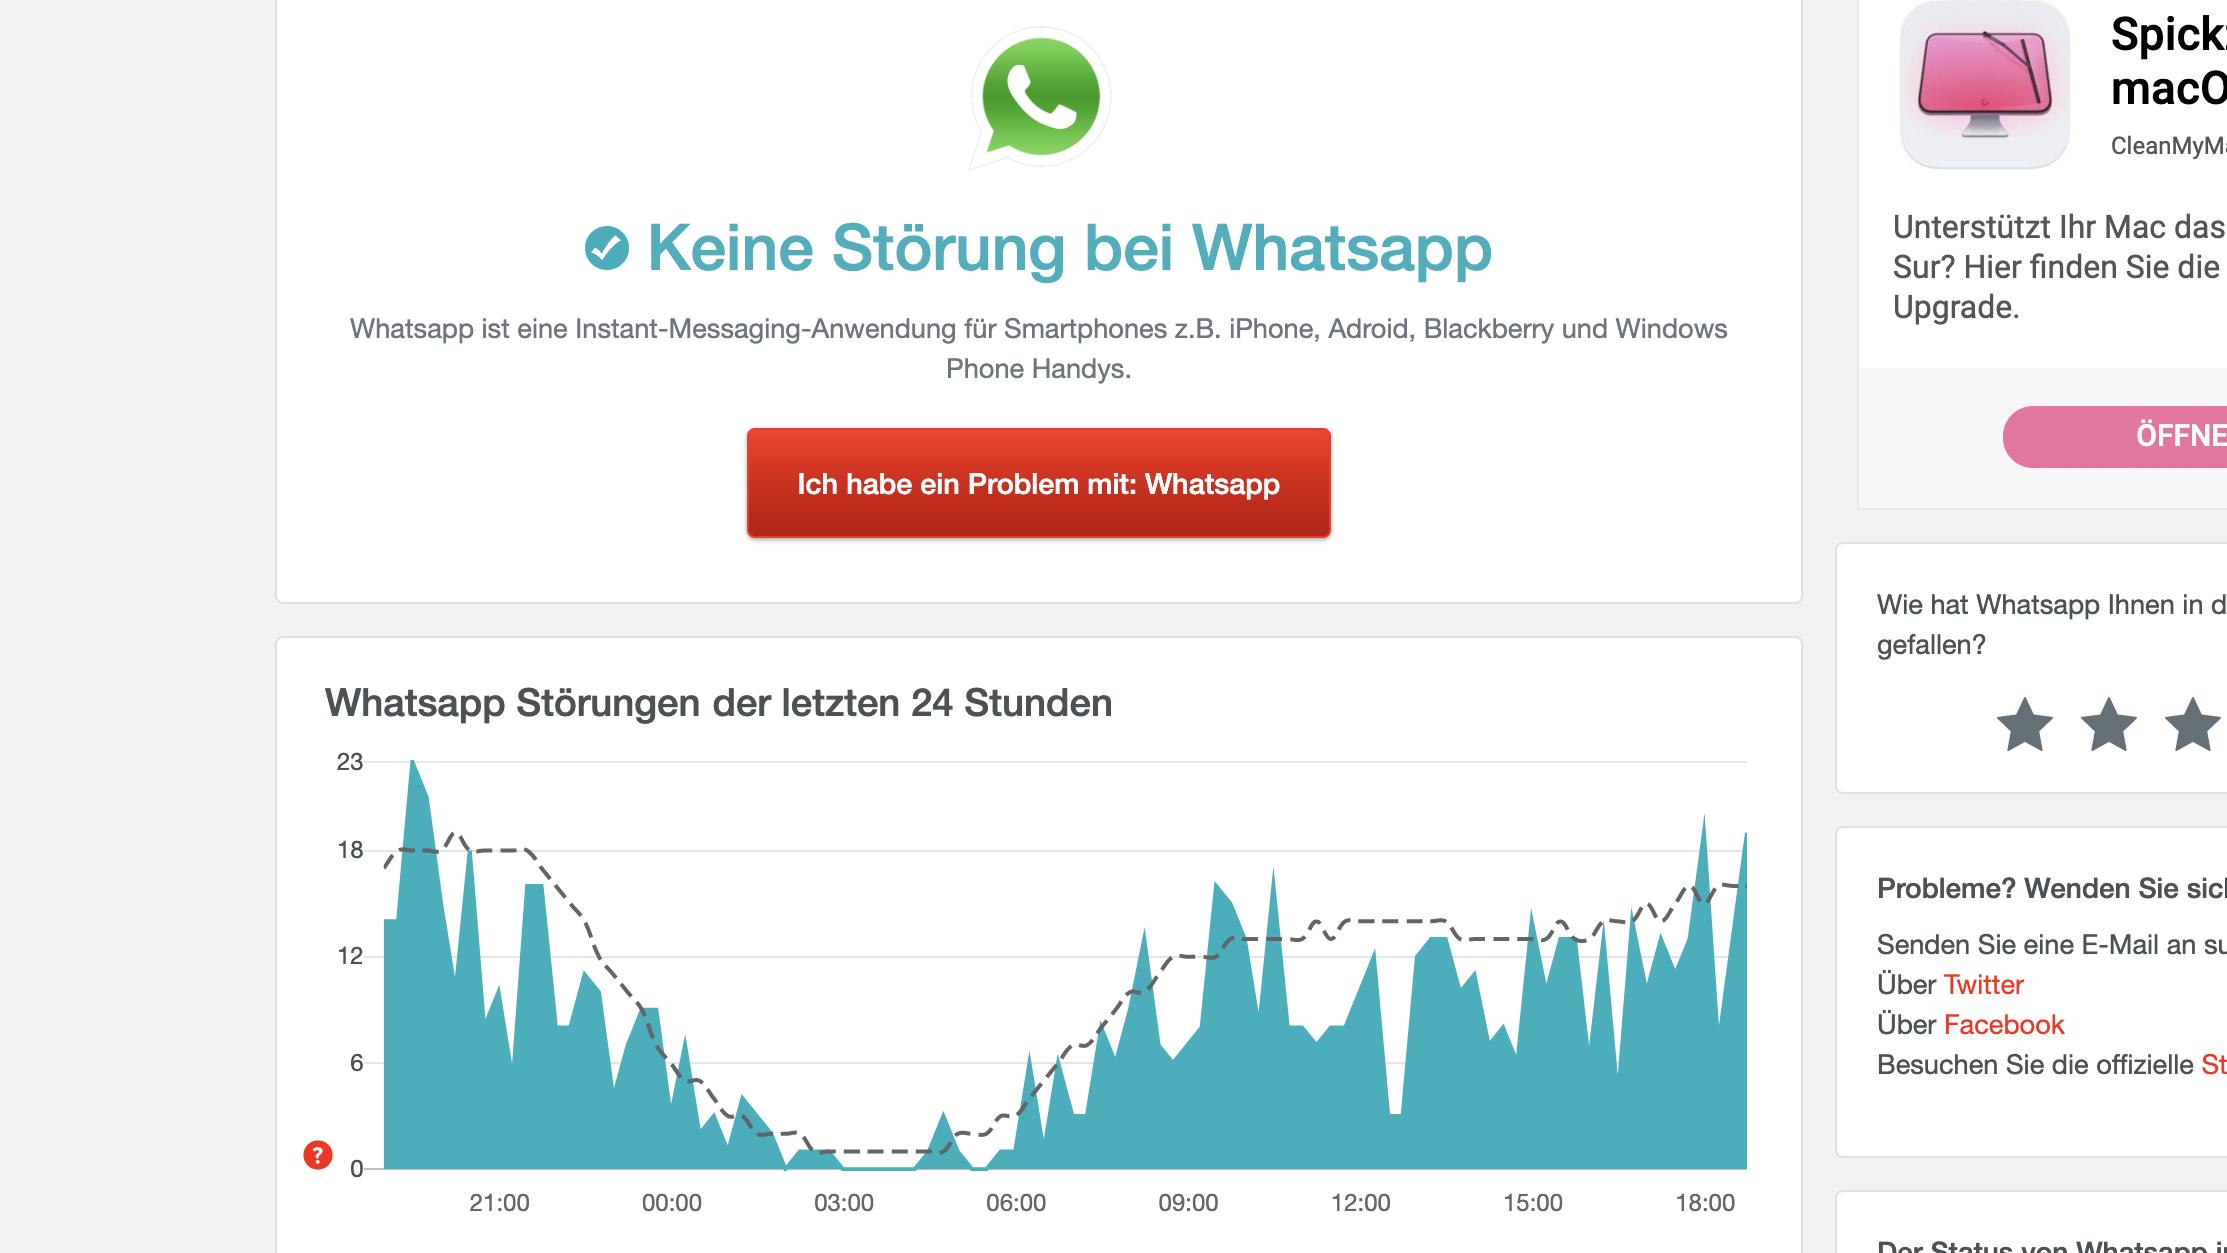 Störung bei WhatsApp ermitteln über allesstöungen.de.